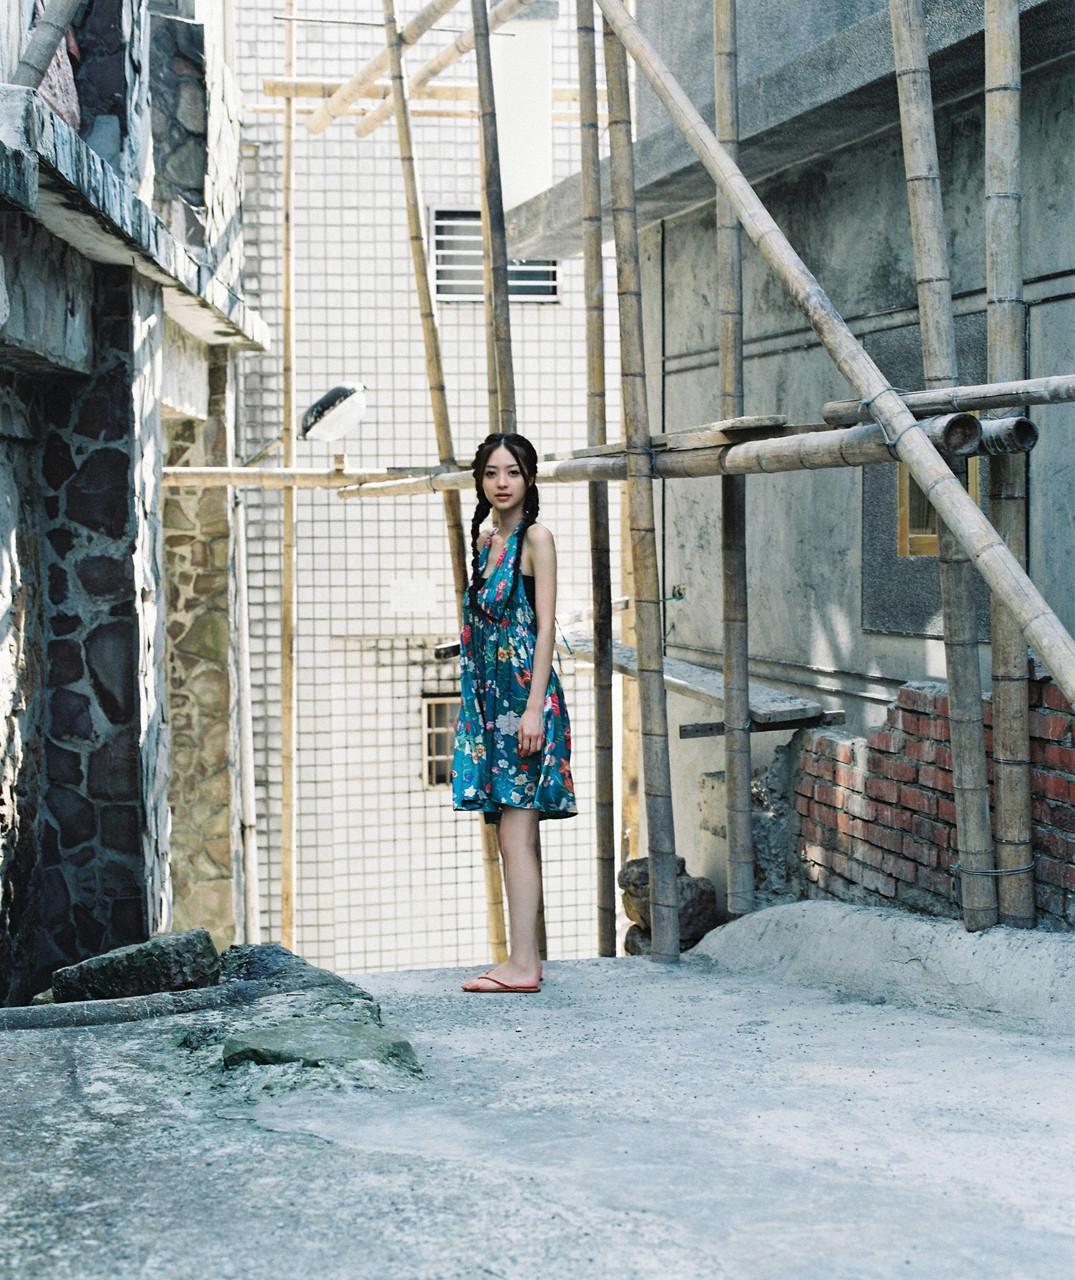 逢沢りな「さよなら、美少女」グラビア 02-06